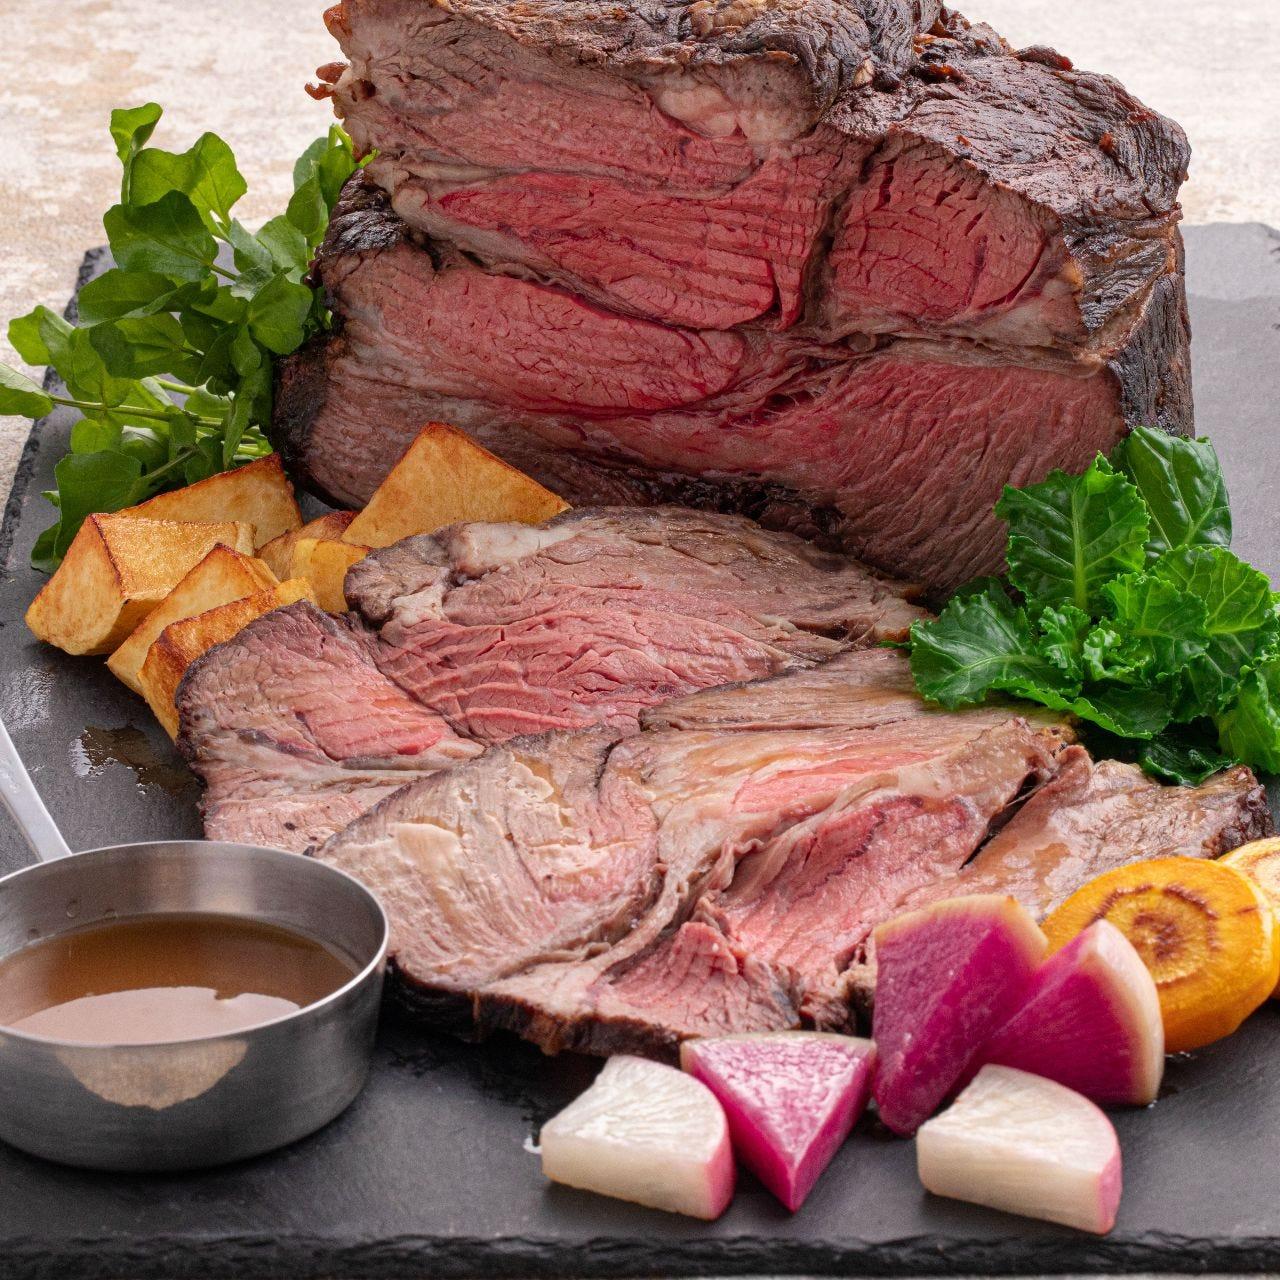 【1月土日祝ディナー】Cheer HIROSHIMA!~食べて応援!~ディナーはローストビーフが登場